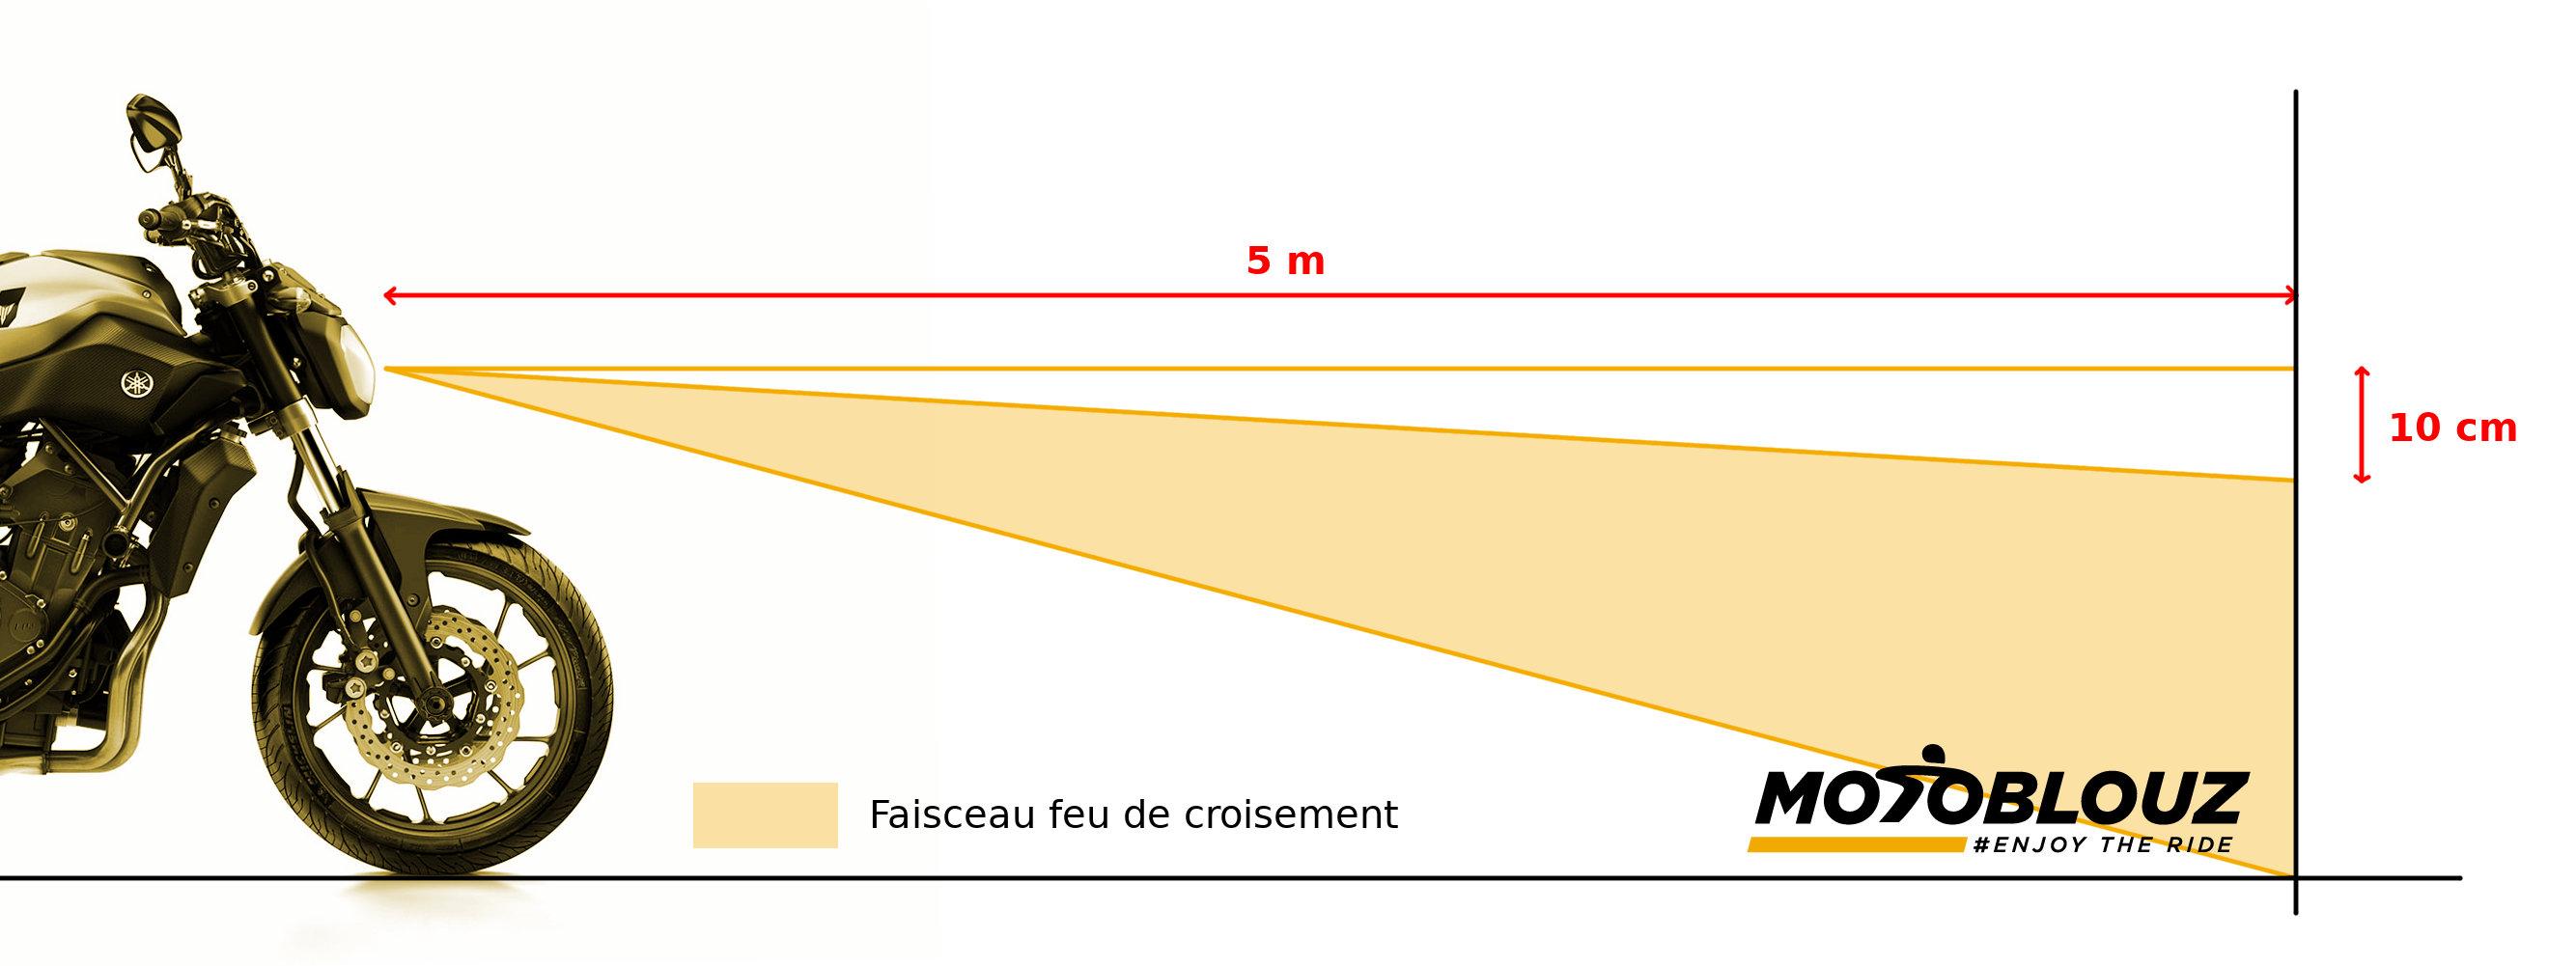 Régler la hauteur du phare de sa moto